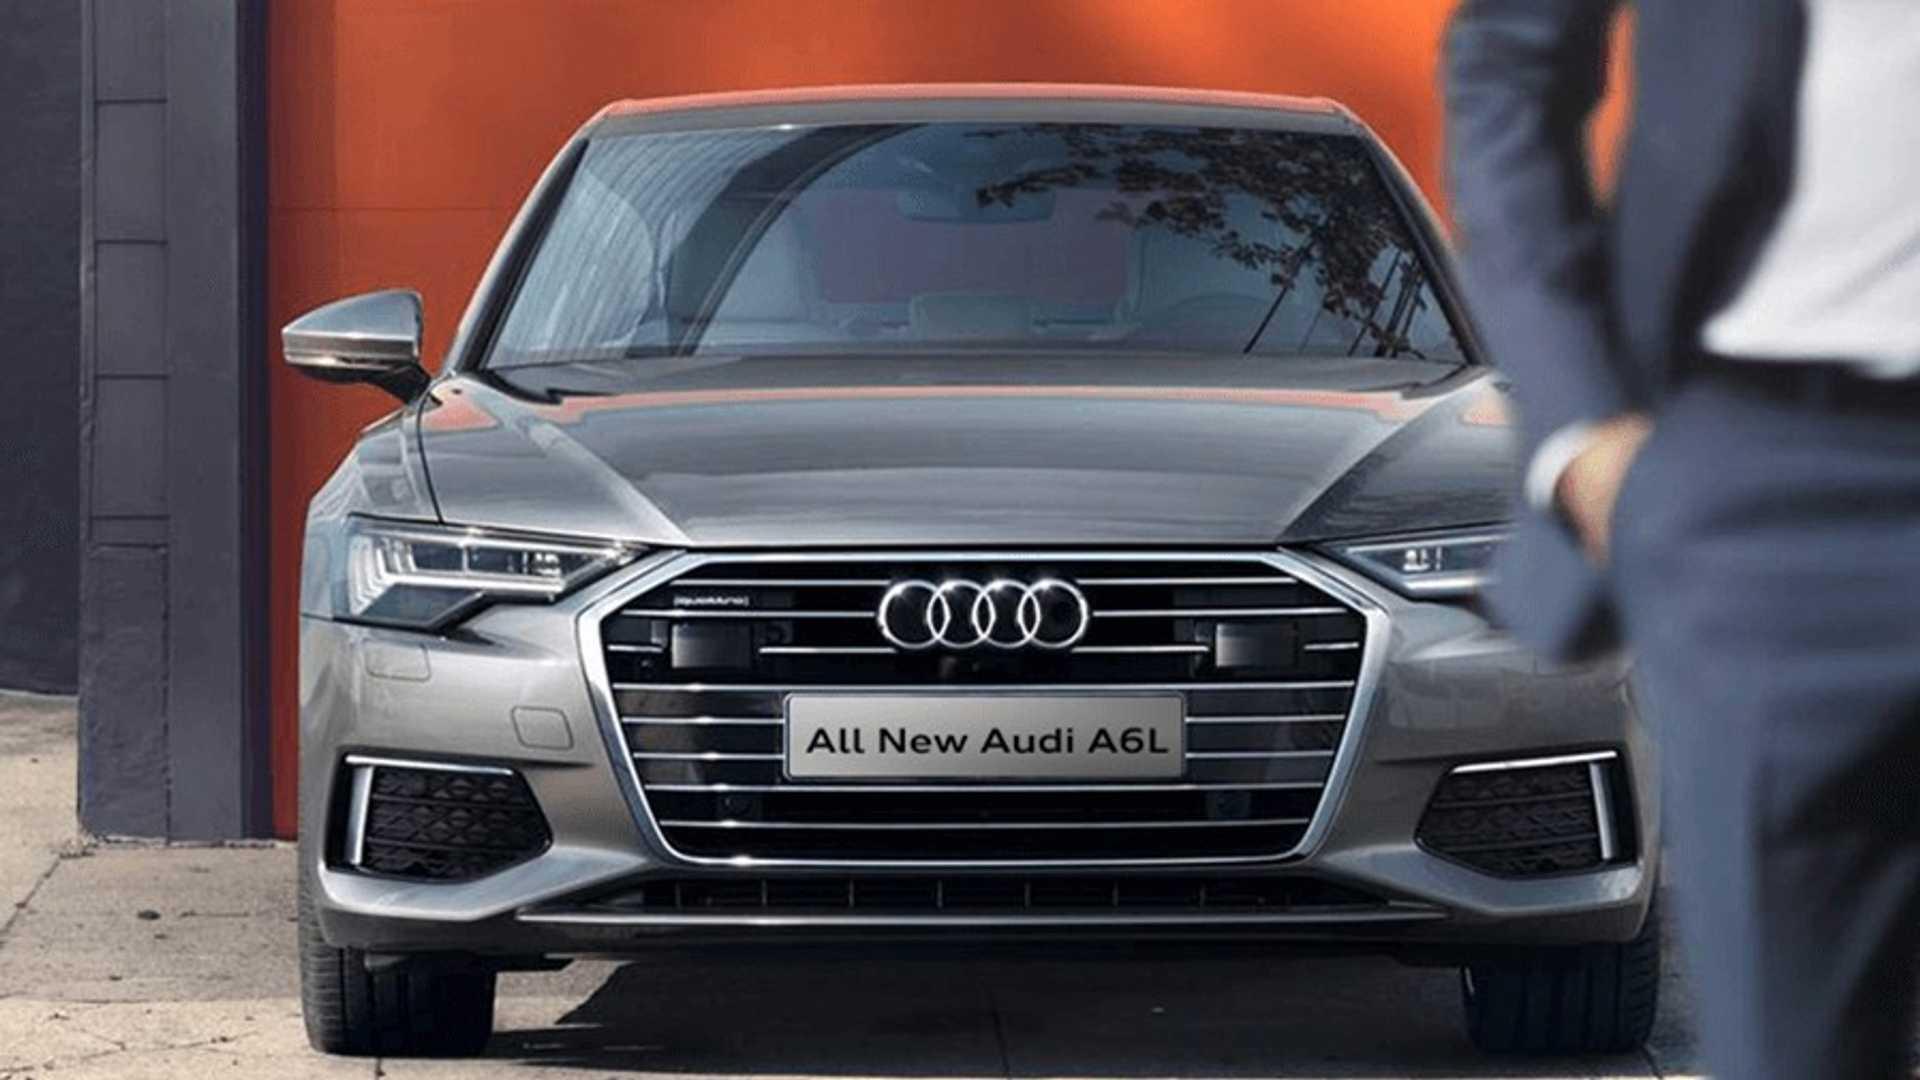 Audi A6L 2019 (1)